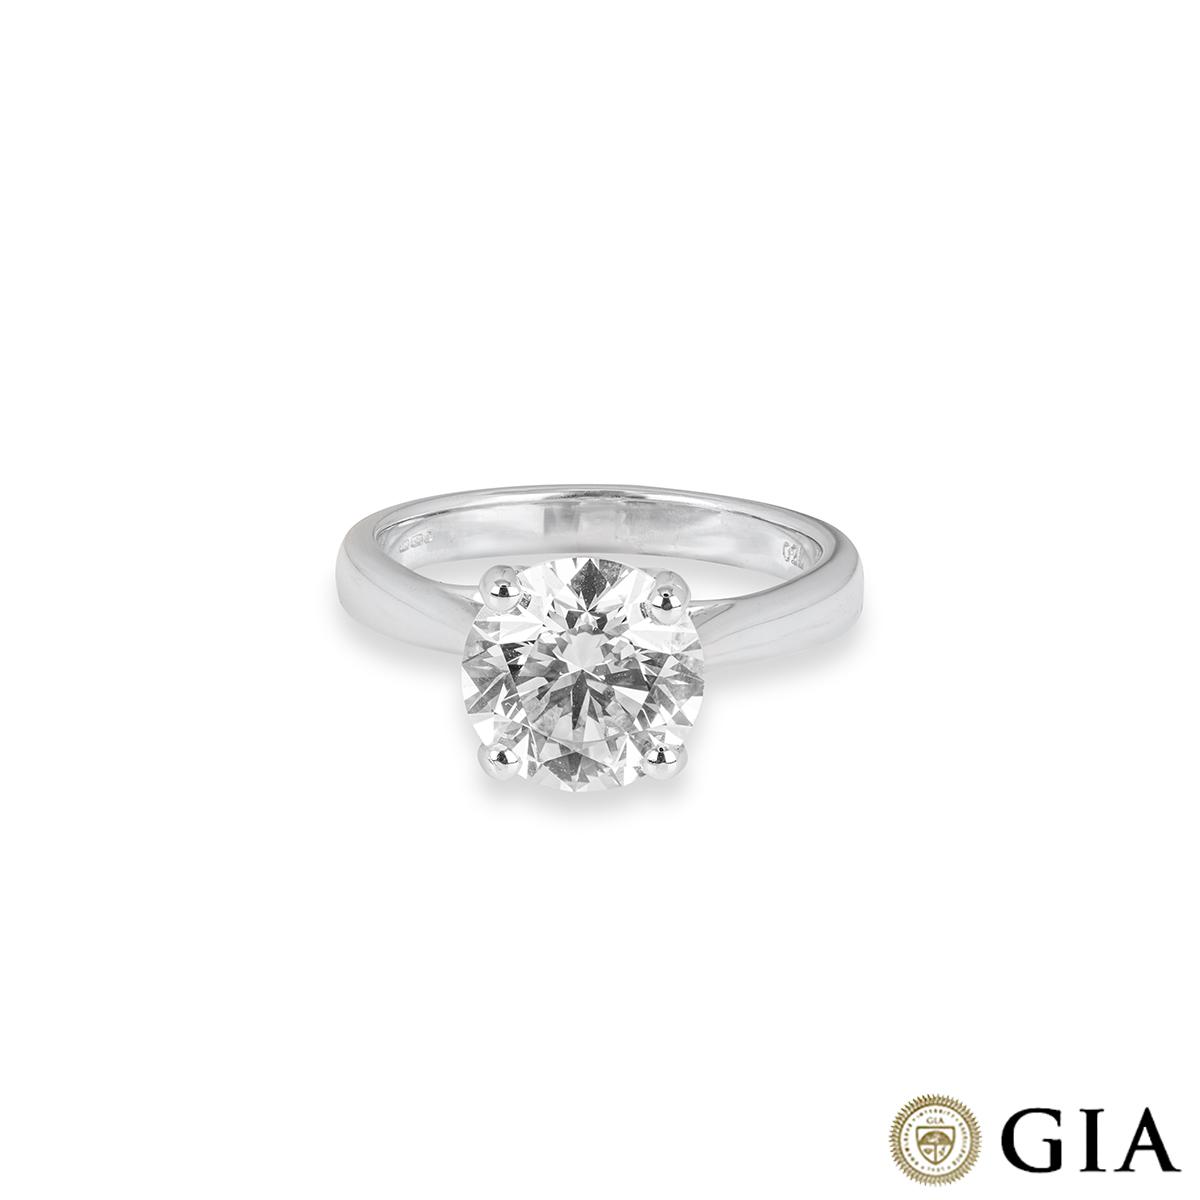 White Gold Round Brilliant Diamond Ring 2.71ct M/VS2 XXX